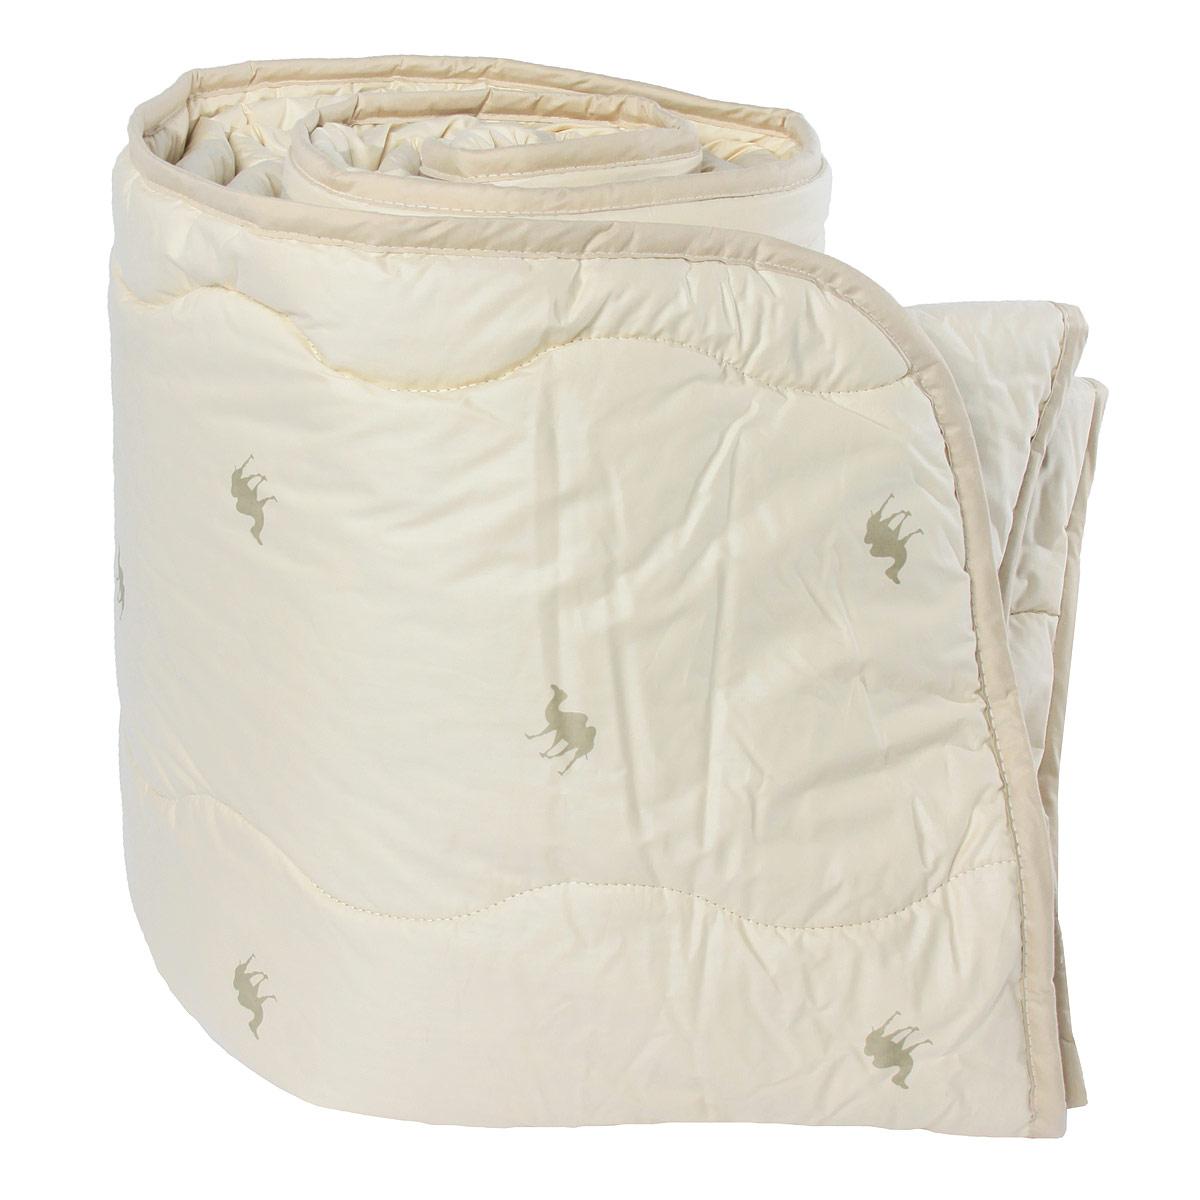 """Одеяло """"Verossa"""" обеспечит вам здоровый сон и комфорт.Для изготовления одеяла в качестве наполнителя используется натуральная верблюжья шерсть. Верблюжья шерсть обладает высокой гигроскопичностью, создавая эффект """"сухого тепла"""". Волокно верблюжьей шерсти полые внутри, образуют пласт, содержащий множество воздушных кармашков, которые равномерно сохраняют и распределяют тепло, обеспечивая естественную терморегуляцию в жару и холод. Верблюжья шерсть обладает рядом уникальных лечебных свойств, благодаря которым расширяются сосуды, усиливается микроциркуляция крови. Шерсть снимает статическое напряжение, благоприятно воздействует на оппорно-двигательный аппарат.Одеяло упаковано в прозрачный пластиковый чехол на змейке с ручкой, что является чрезвычайно удобным при переноске. Характеристики: Материал чехла: 100% хлопок. Наполнитель: 100% верблюжья шерсть. Масса наполнителя: 300 г/м2. Размер одеяла: 200 см х 220 см. Артикул: 170584."""